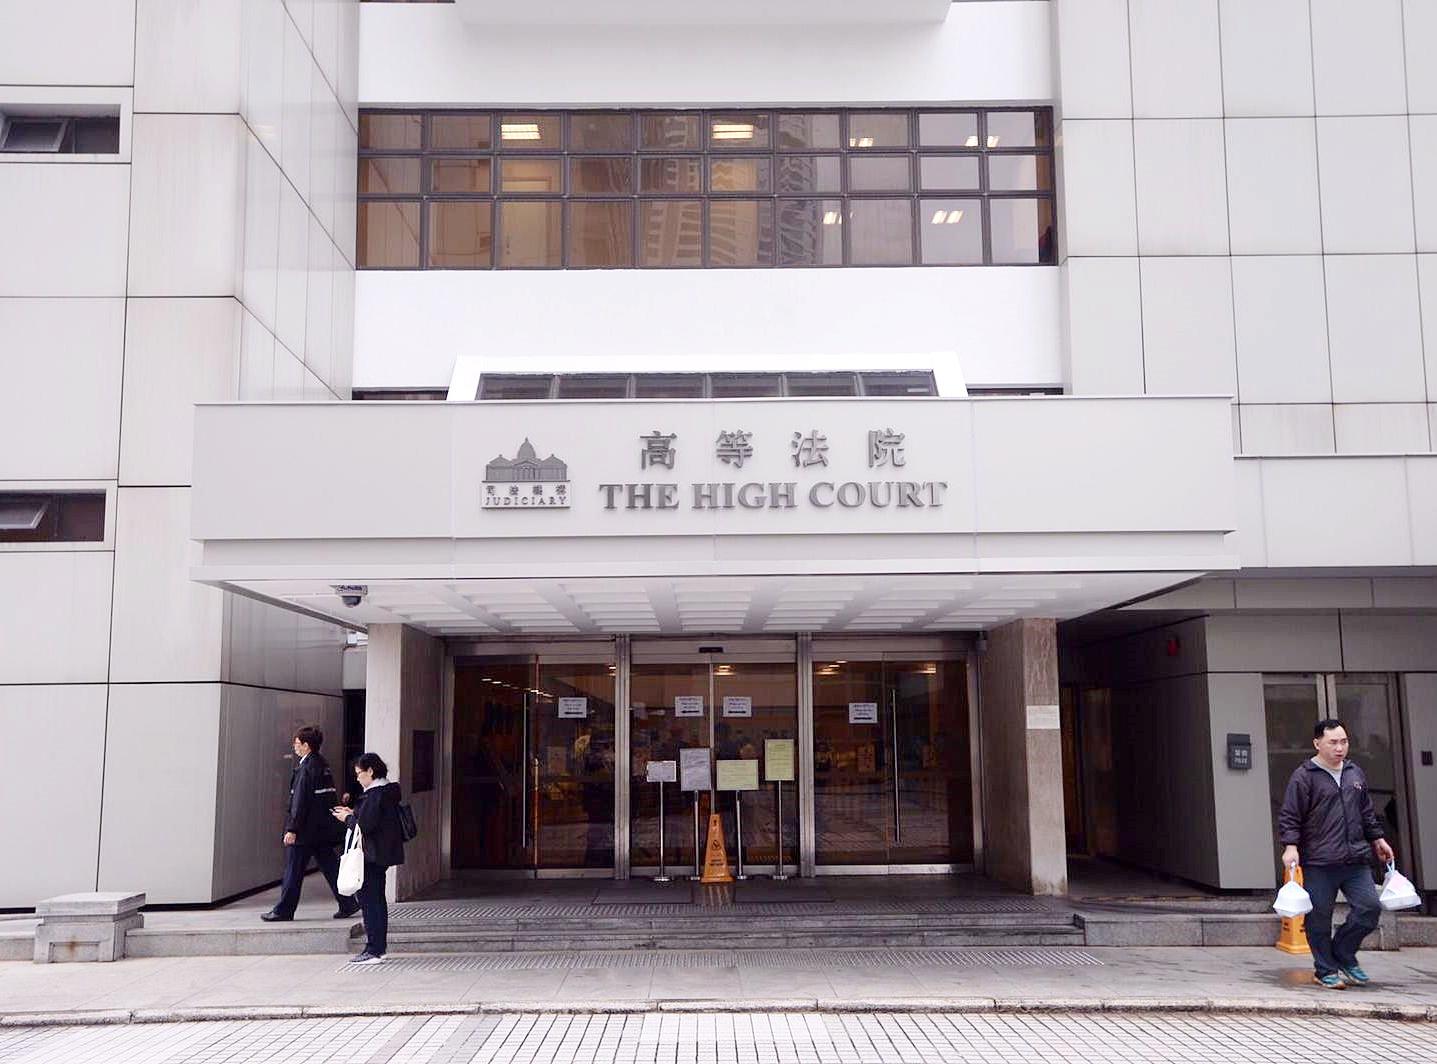 叶剑波之子任贷款担保人 遭星展银行入禀追306万元